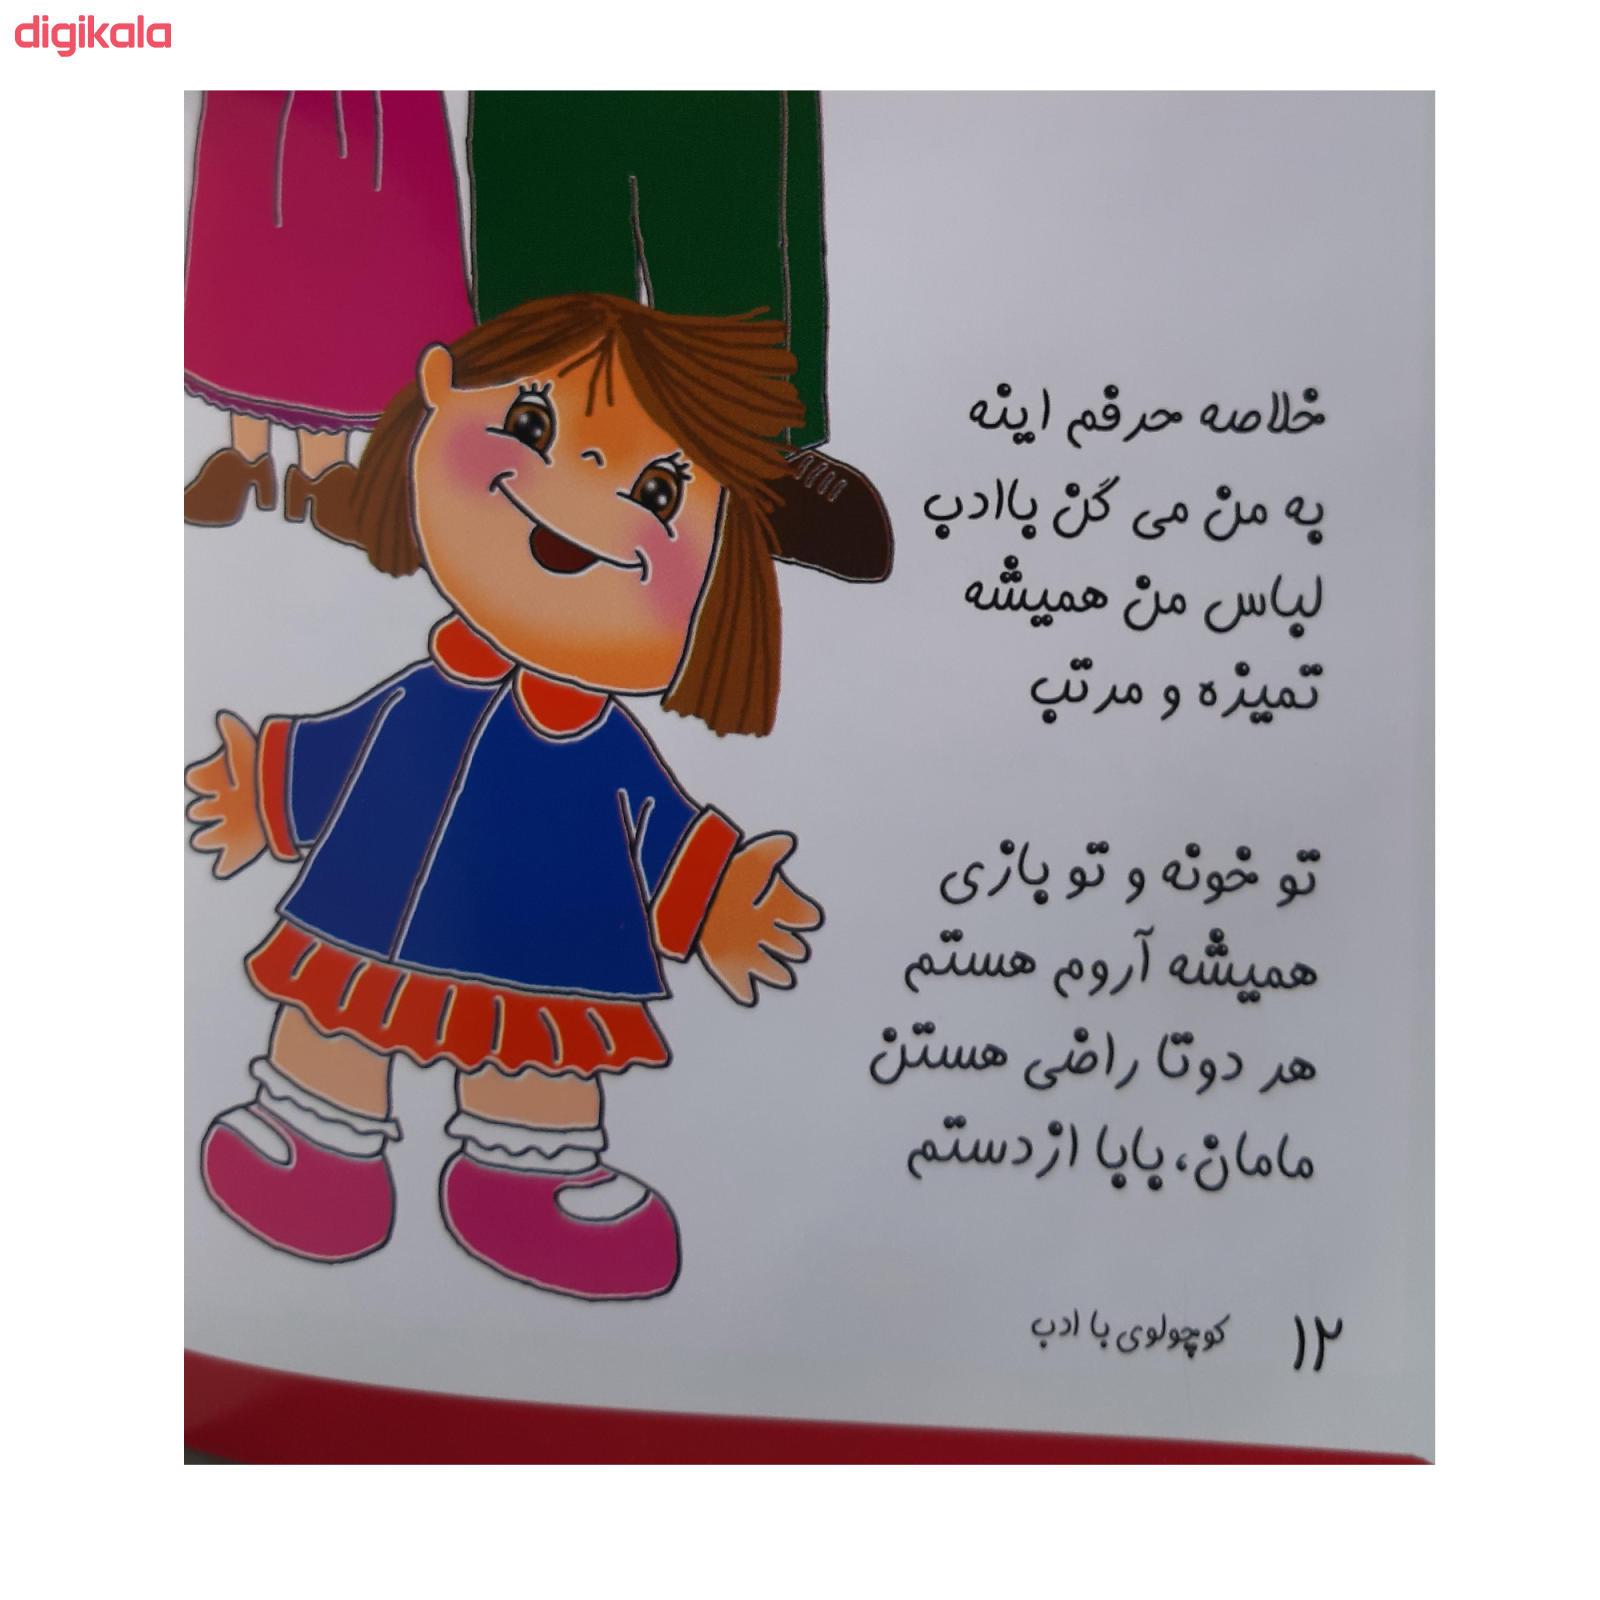 کتاب کوچولوها اثر وجیهه عبدیزدان انتشارات فرهنگ مردم 8 جلدی main 1 15